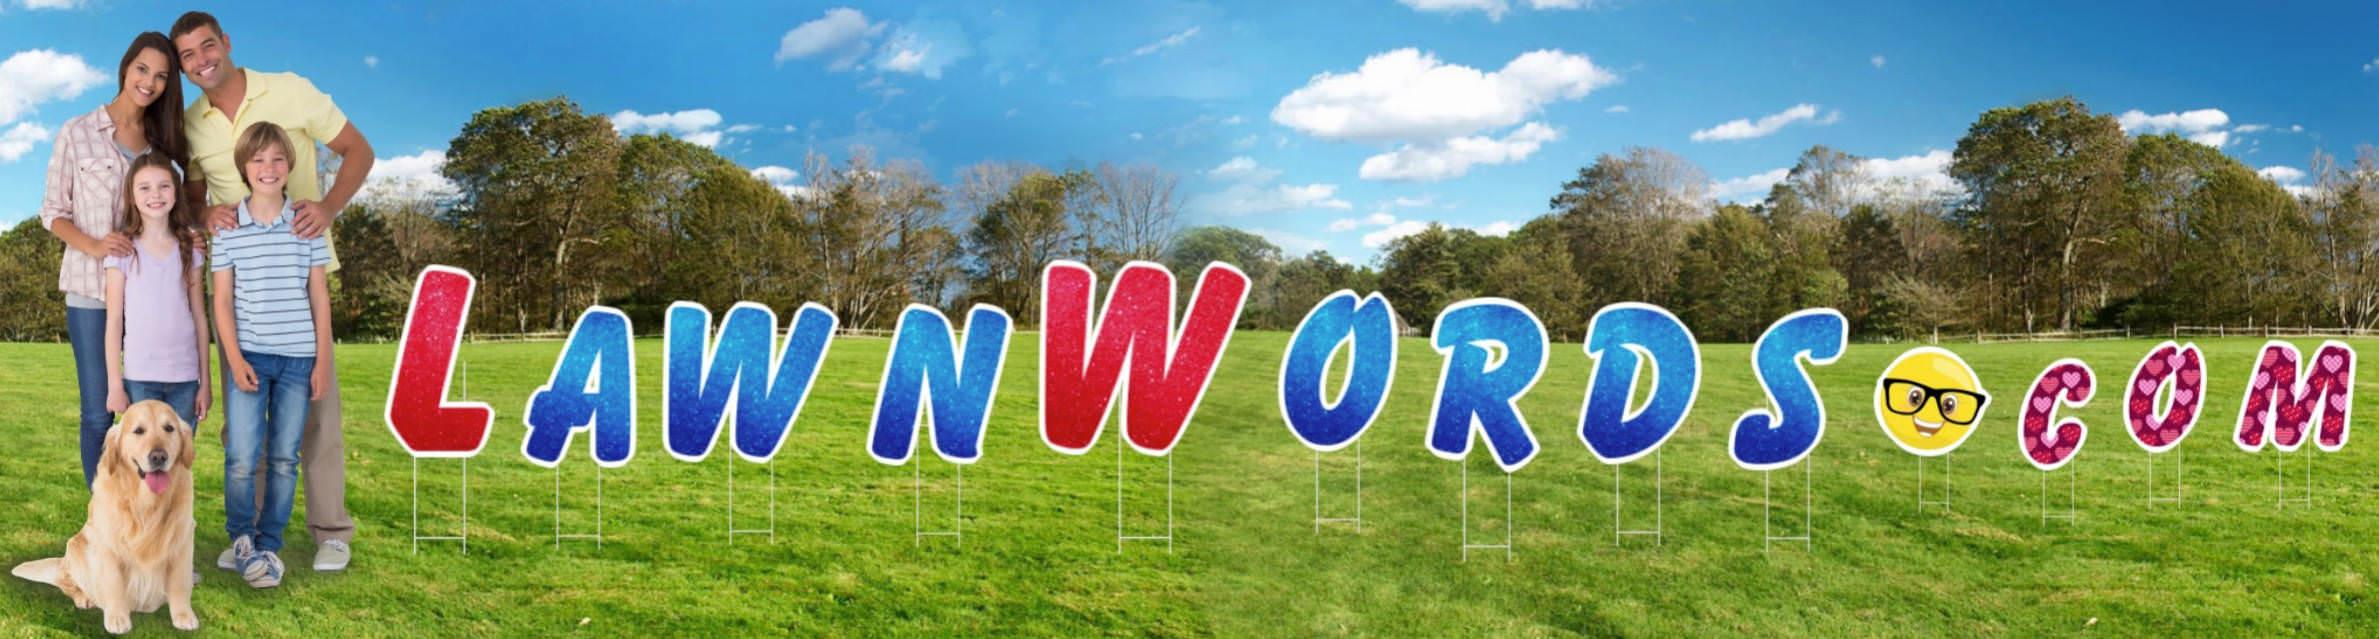 lawn letter image